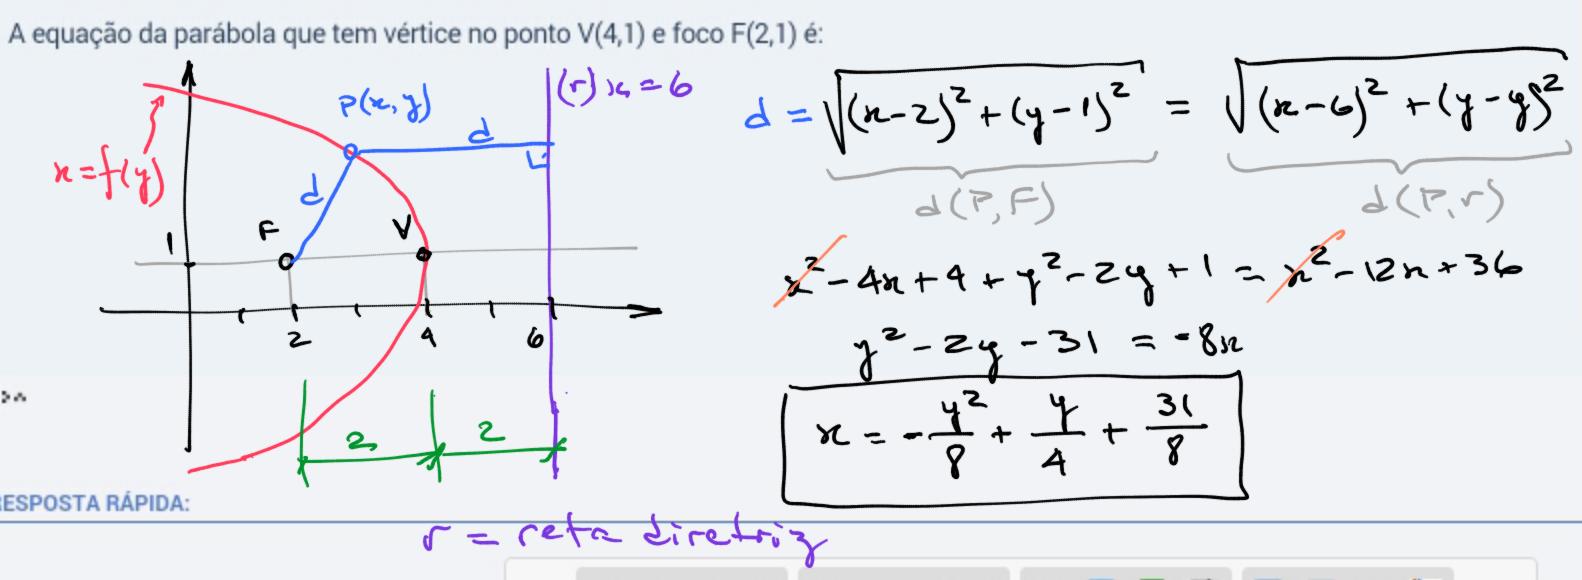 Equação da parábola 15s91rs